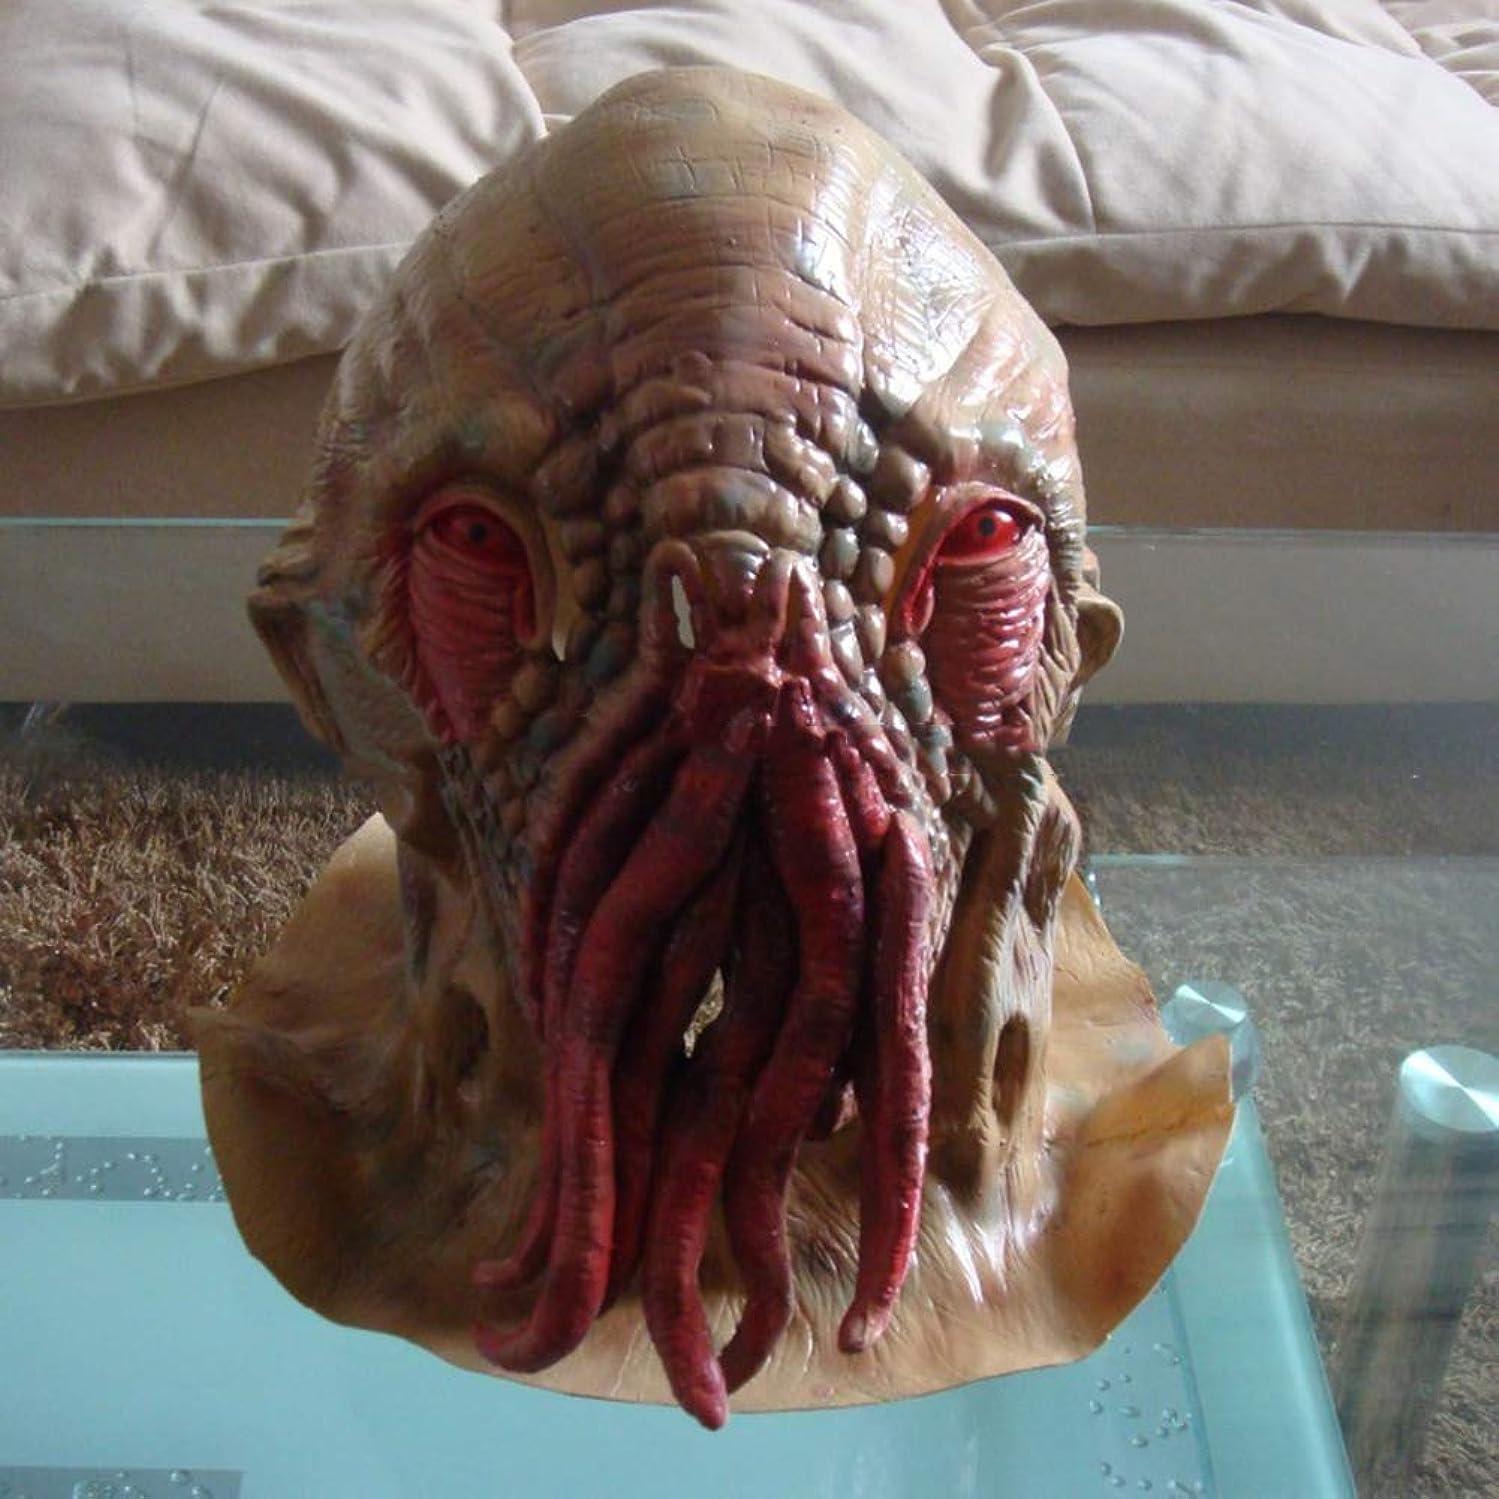 蜜エクステント防腐剤ハロウィーンホラーマスク、神秘的な動物の頭のマスク、創造的な面白い Vizard マスク、パーティー仮装ラテックスマスク